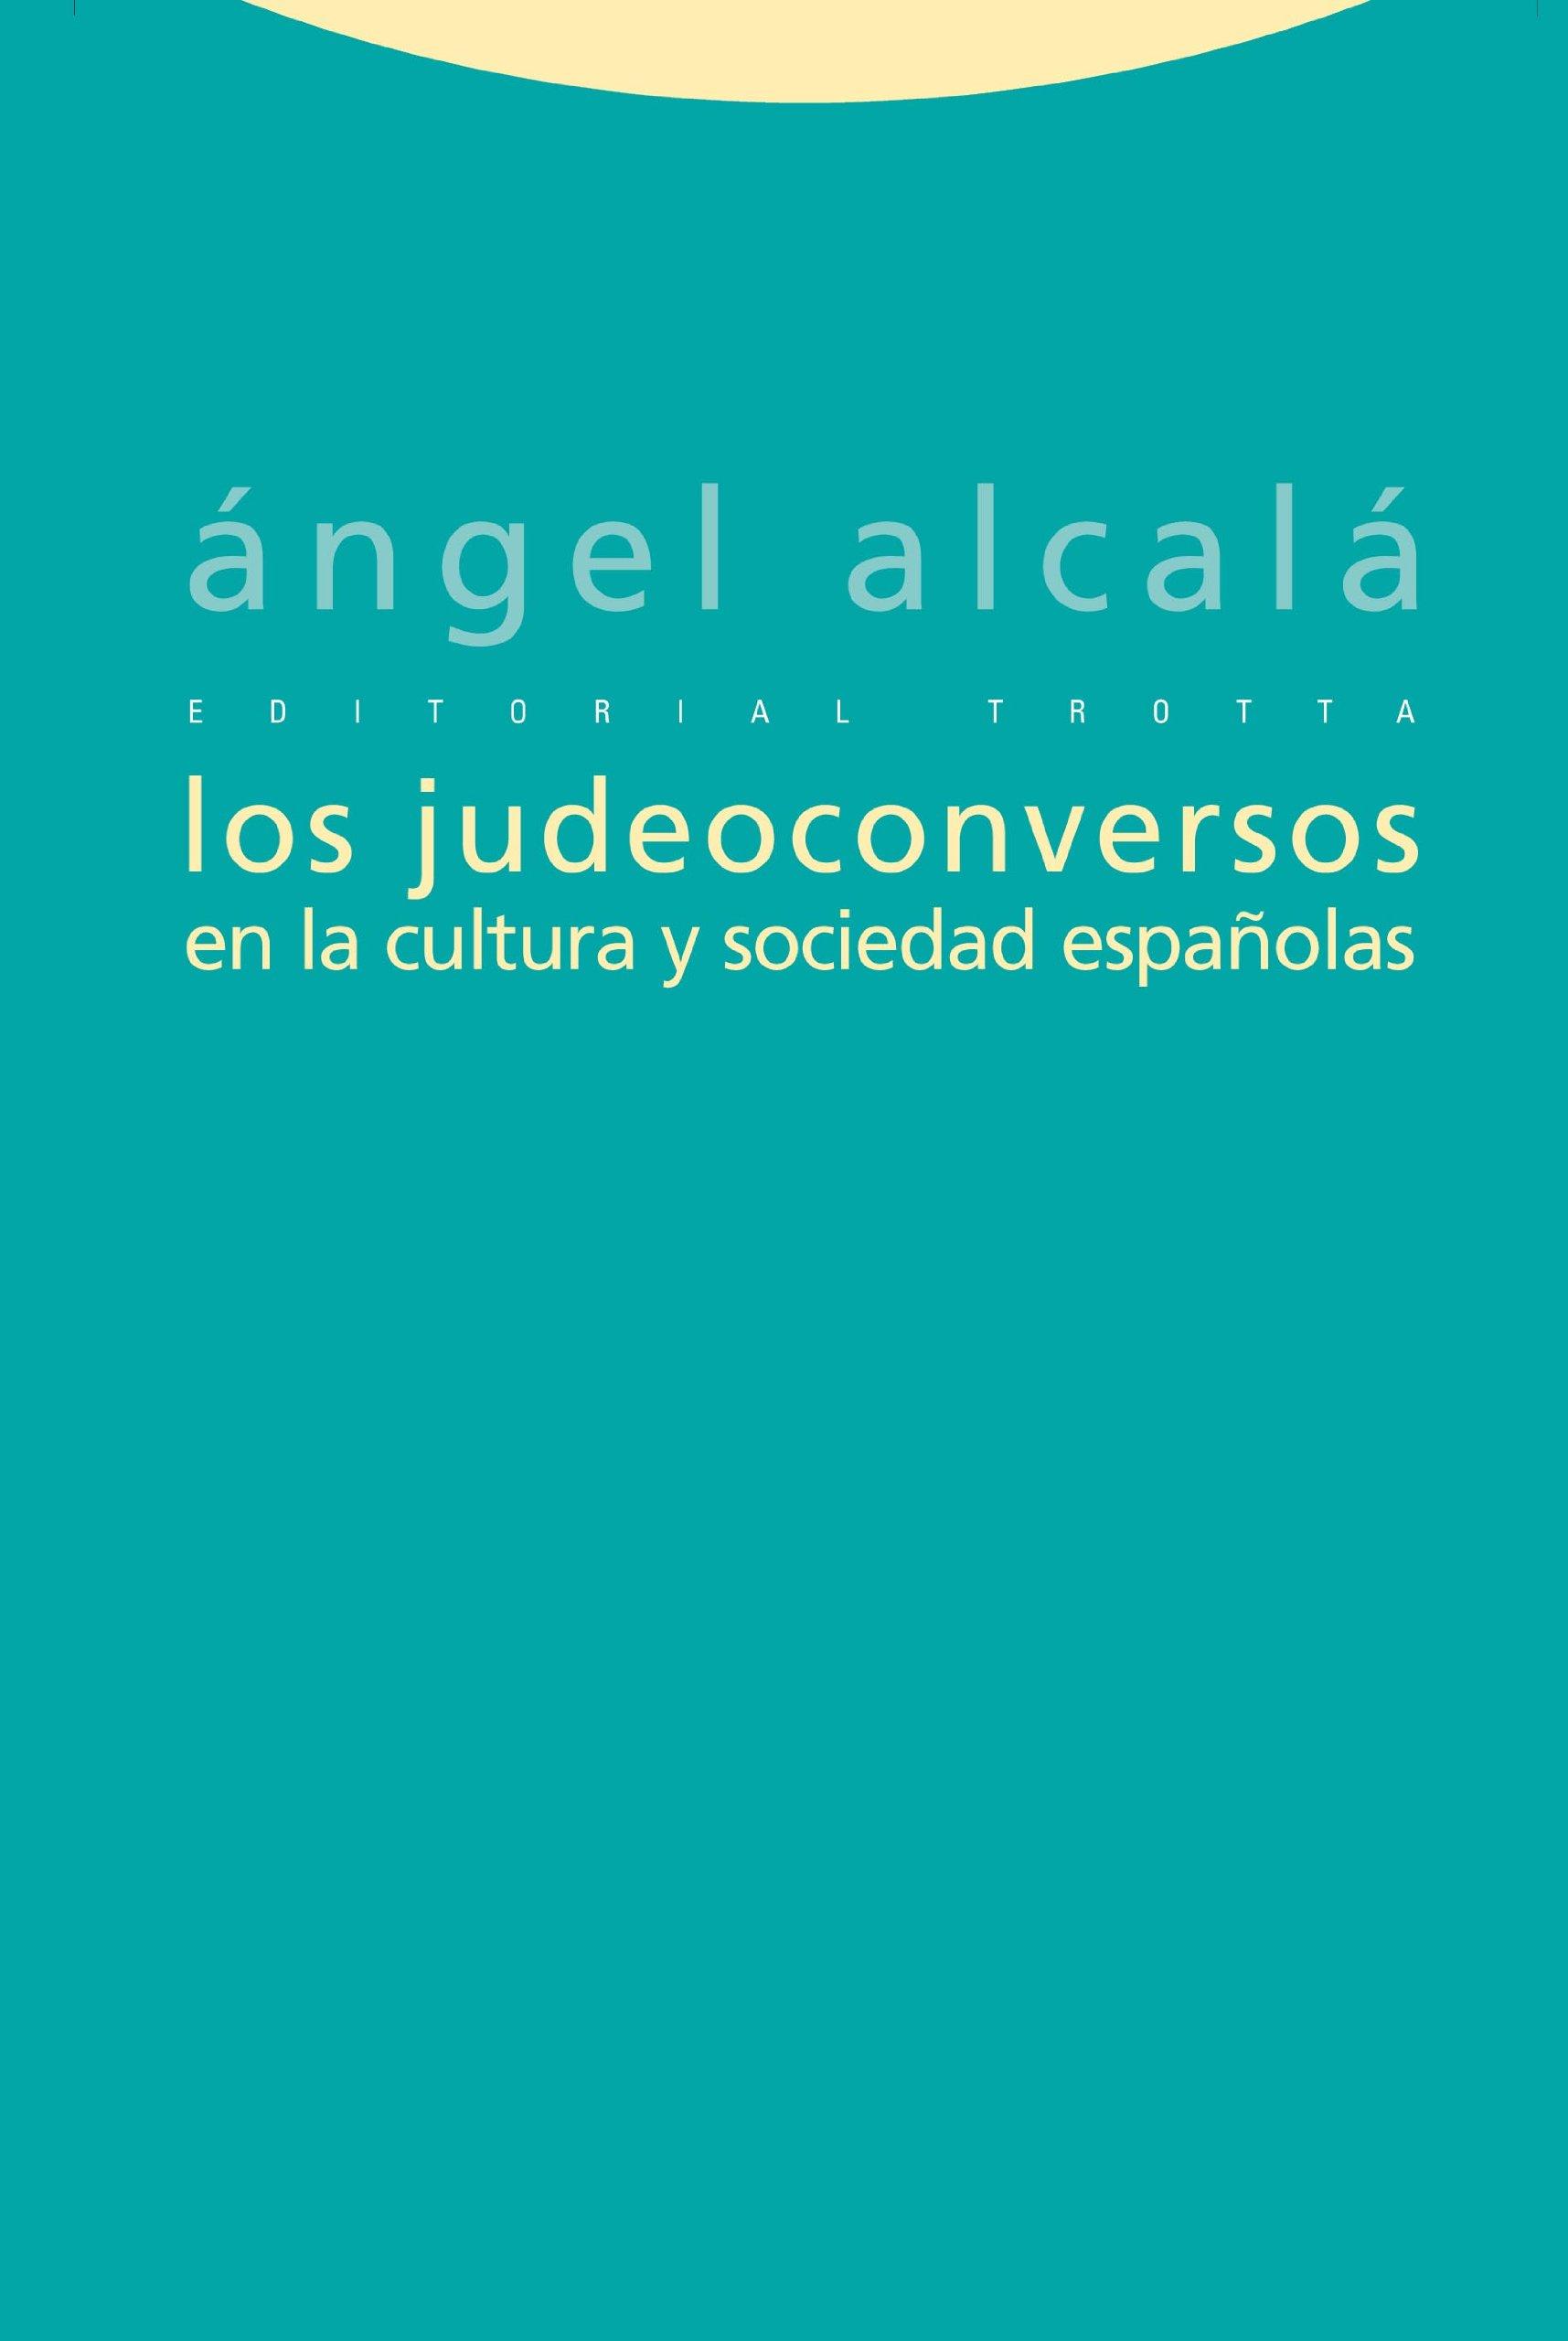 Los judeoconversos en la cultura y sociedad españolas (Estructuras y Procesos. Ciencias Sociales)